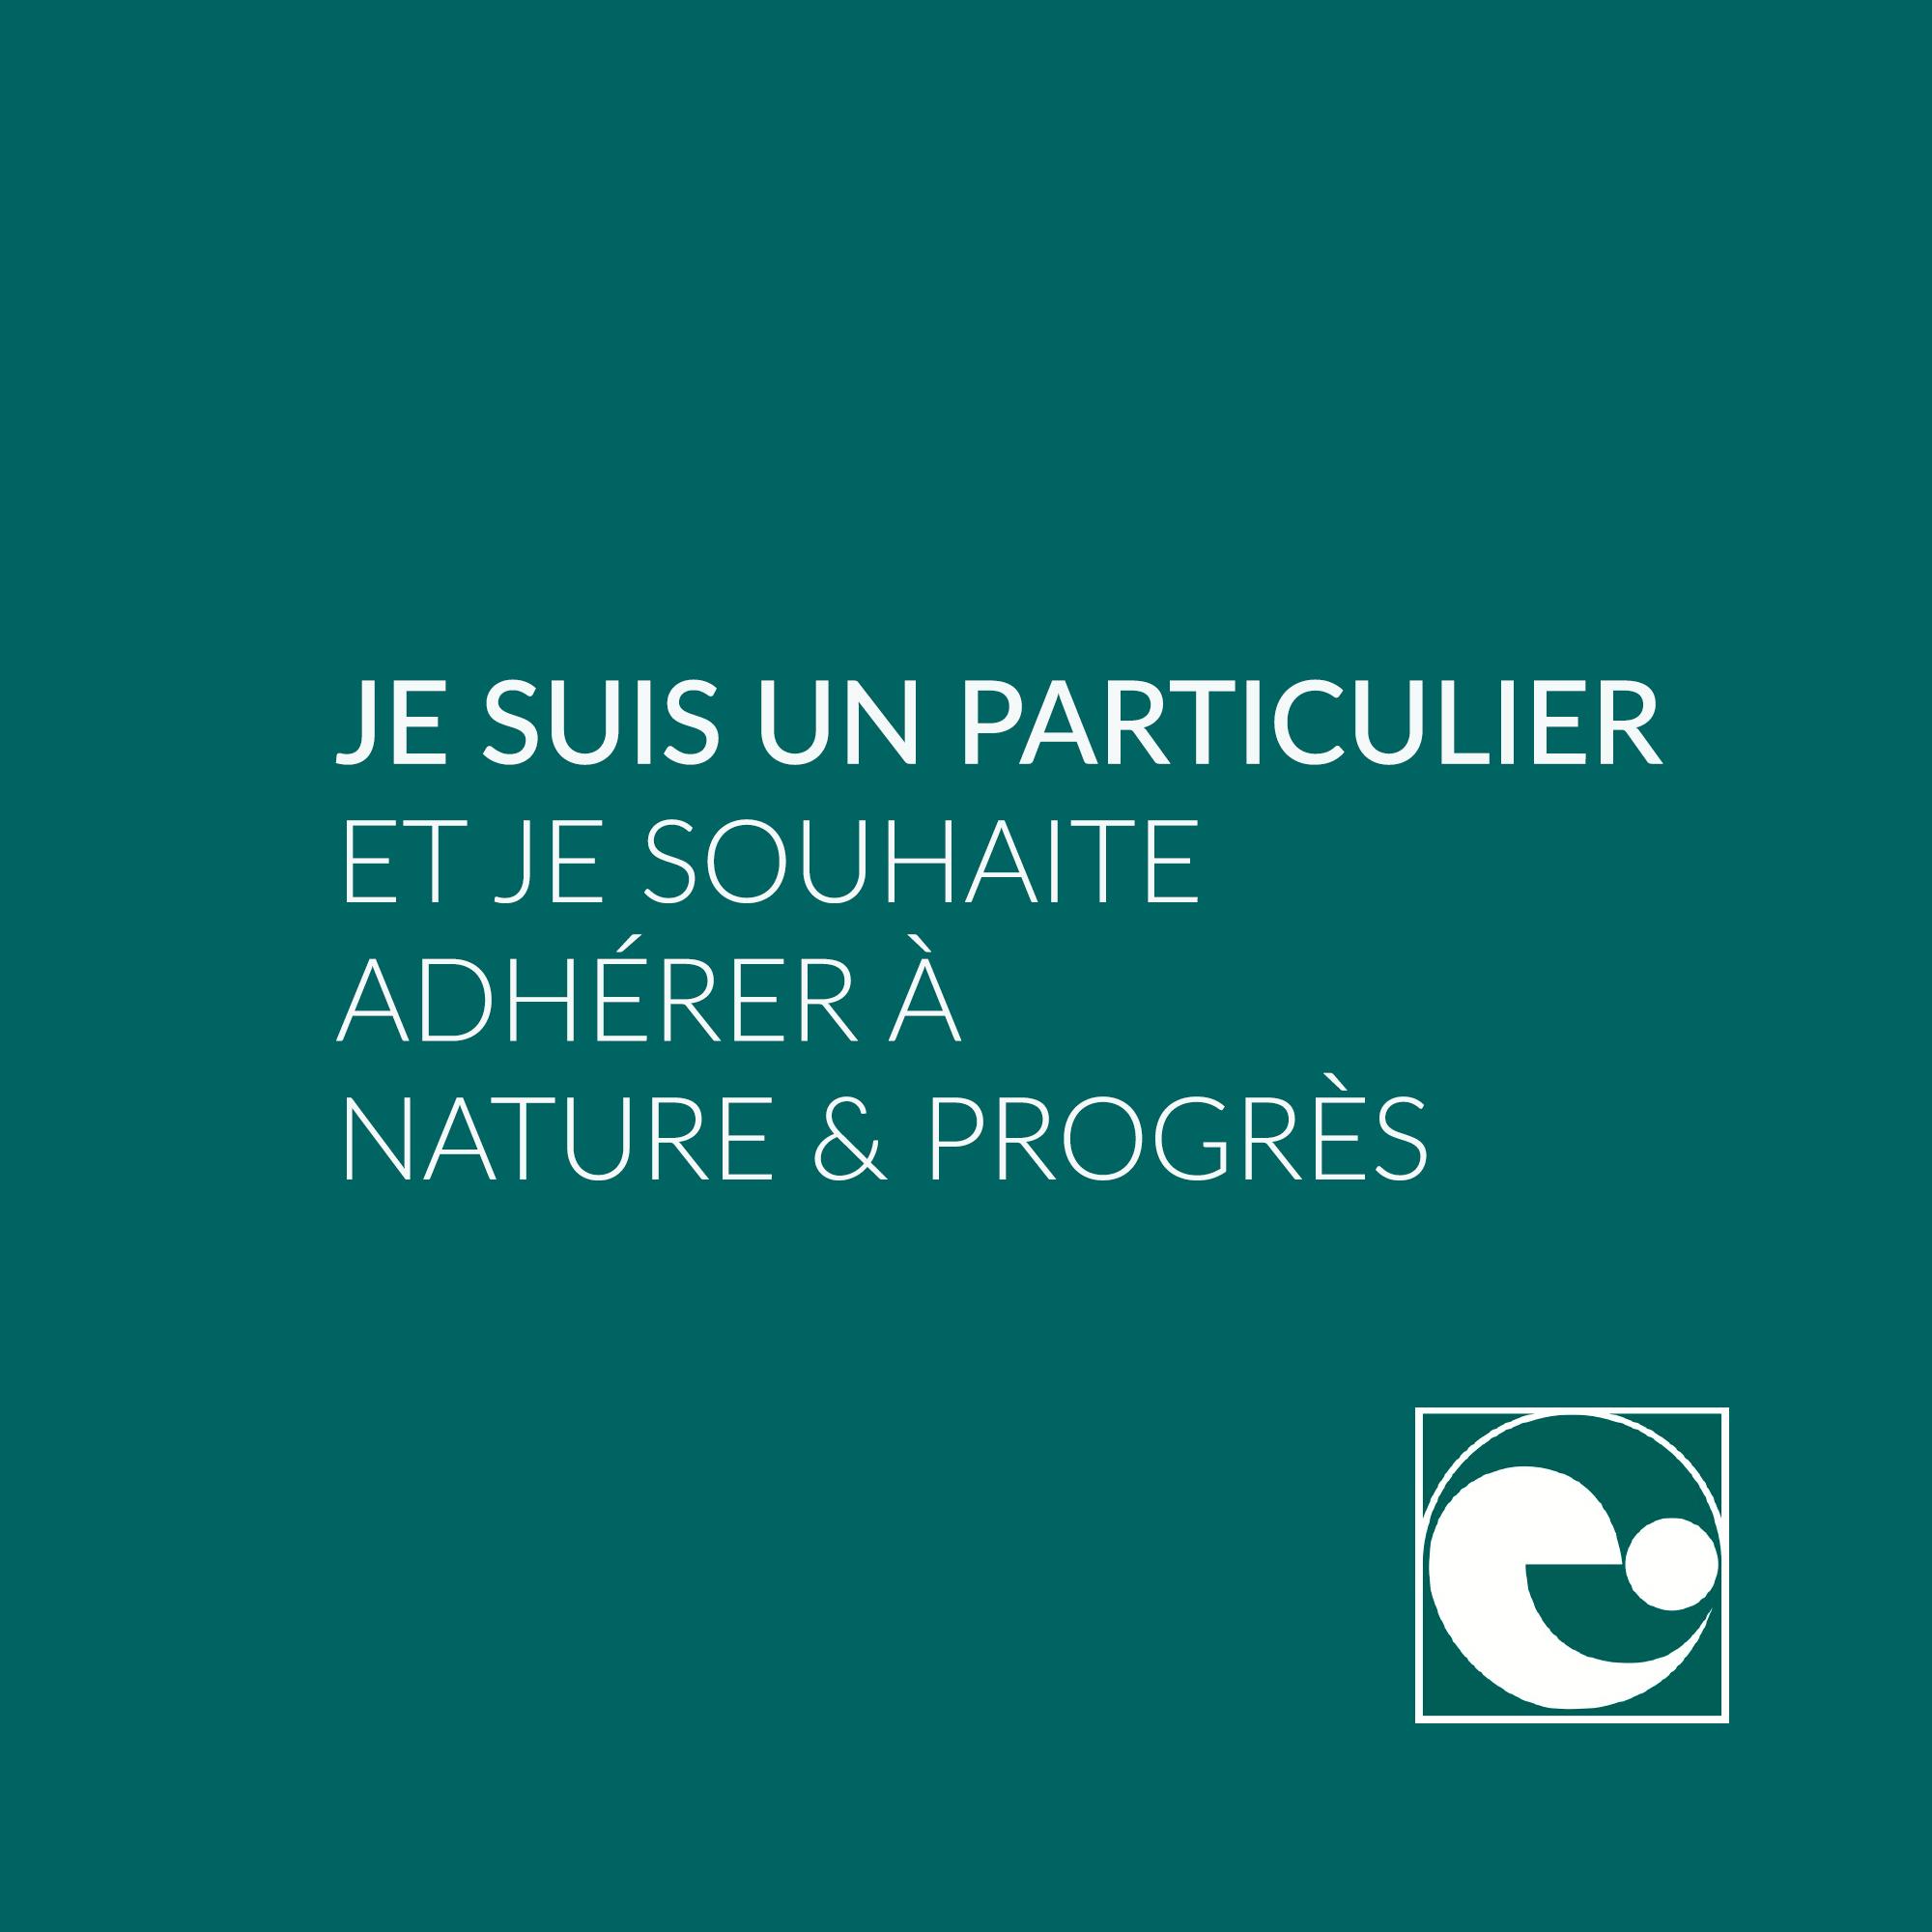 Adhésion à Nature et Progres en tant que particulier